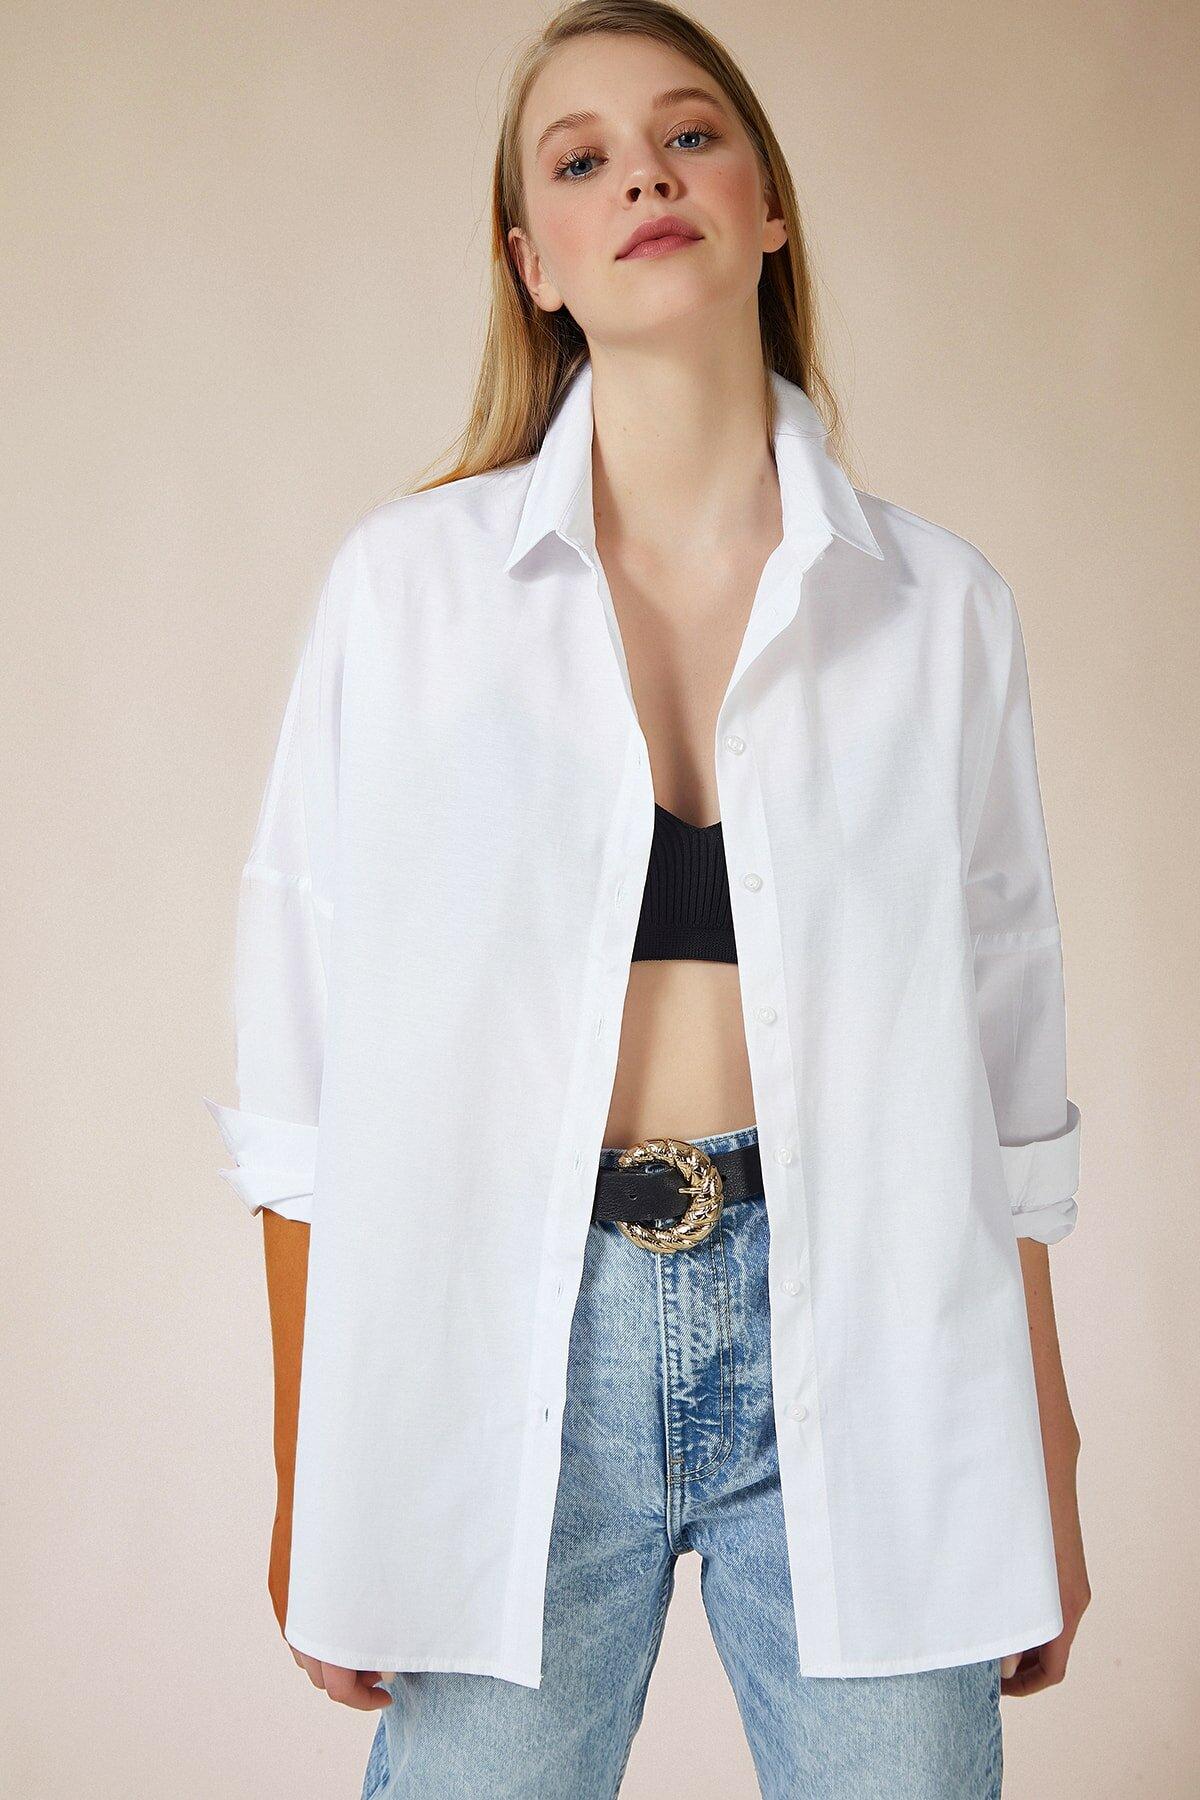 قميص موحد اللون طويل مقاس كبير نسائي